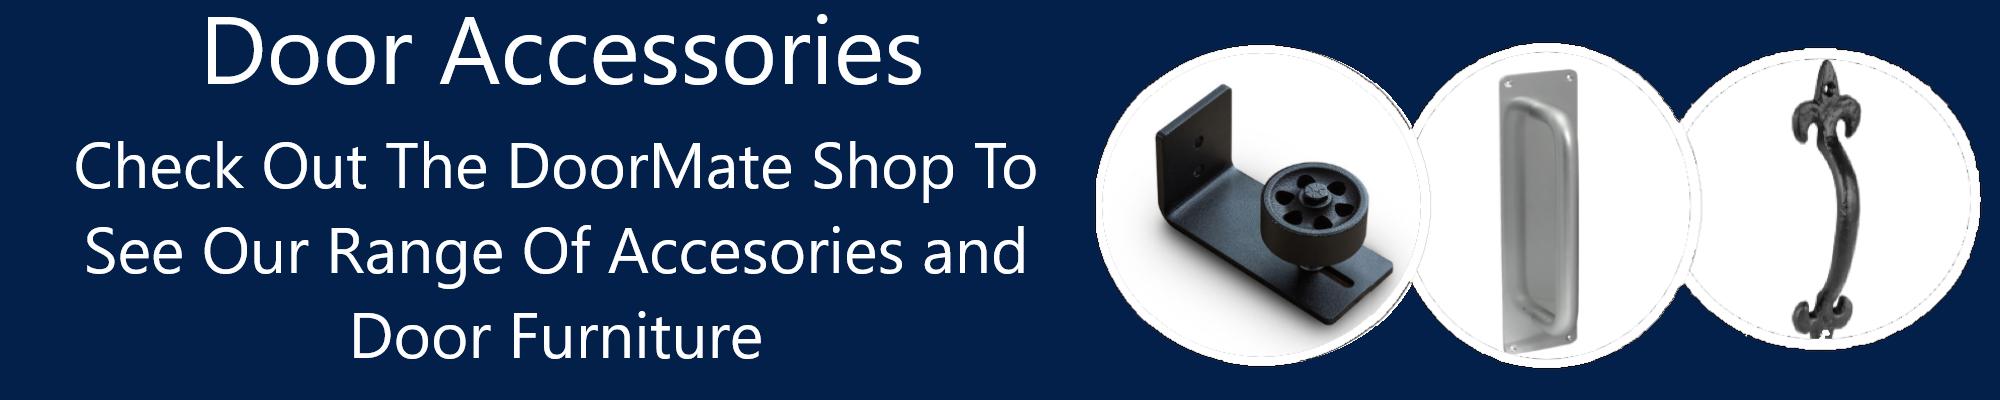 Door Furniture, Door Accessories, Door Replacement and Spare Parts